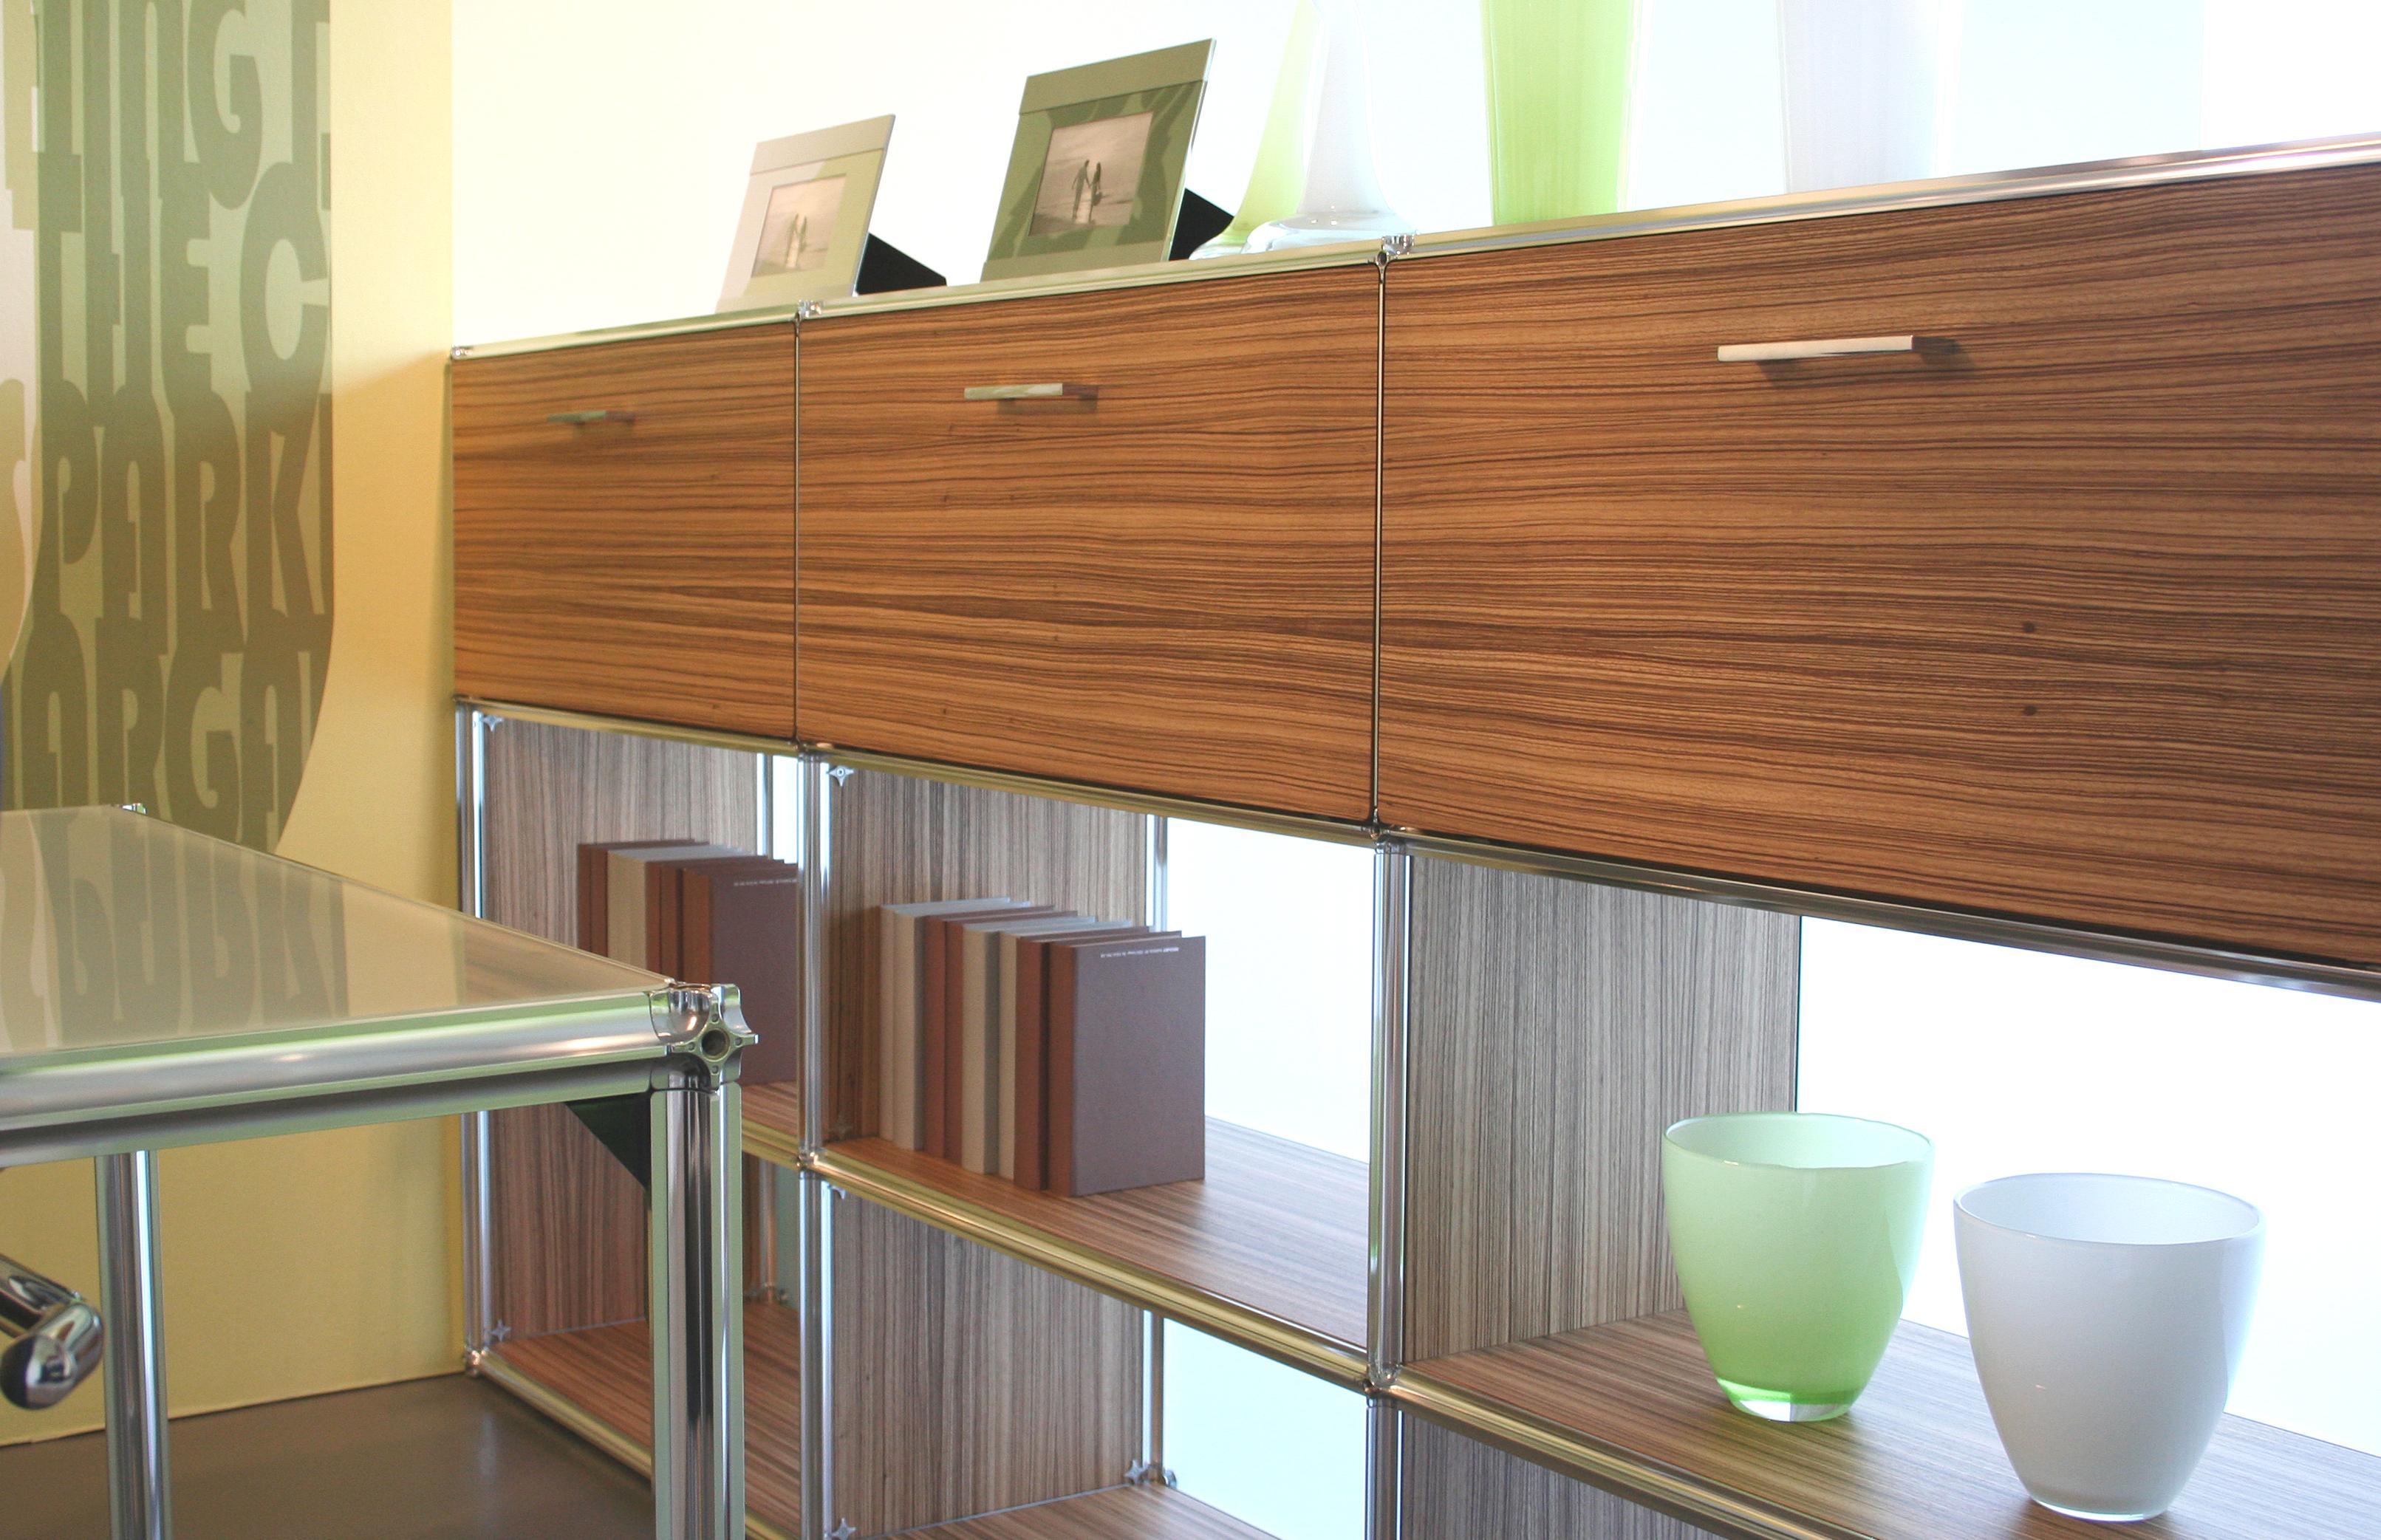 m bel f r schlafzimmer wohnzimmer esszimmer und b ros vonesch innendekoration. Black Bedroom Furniture Sets. Home Design Ideas